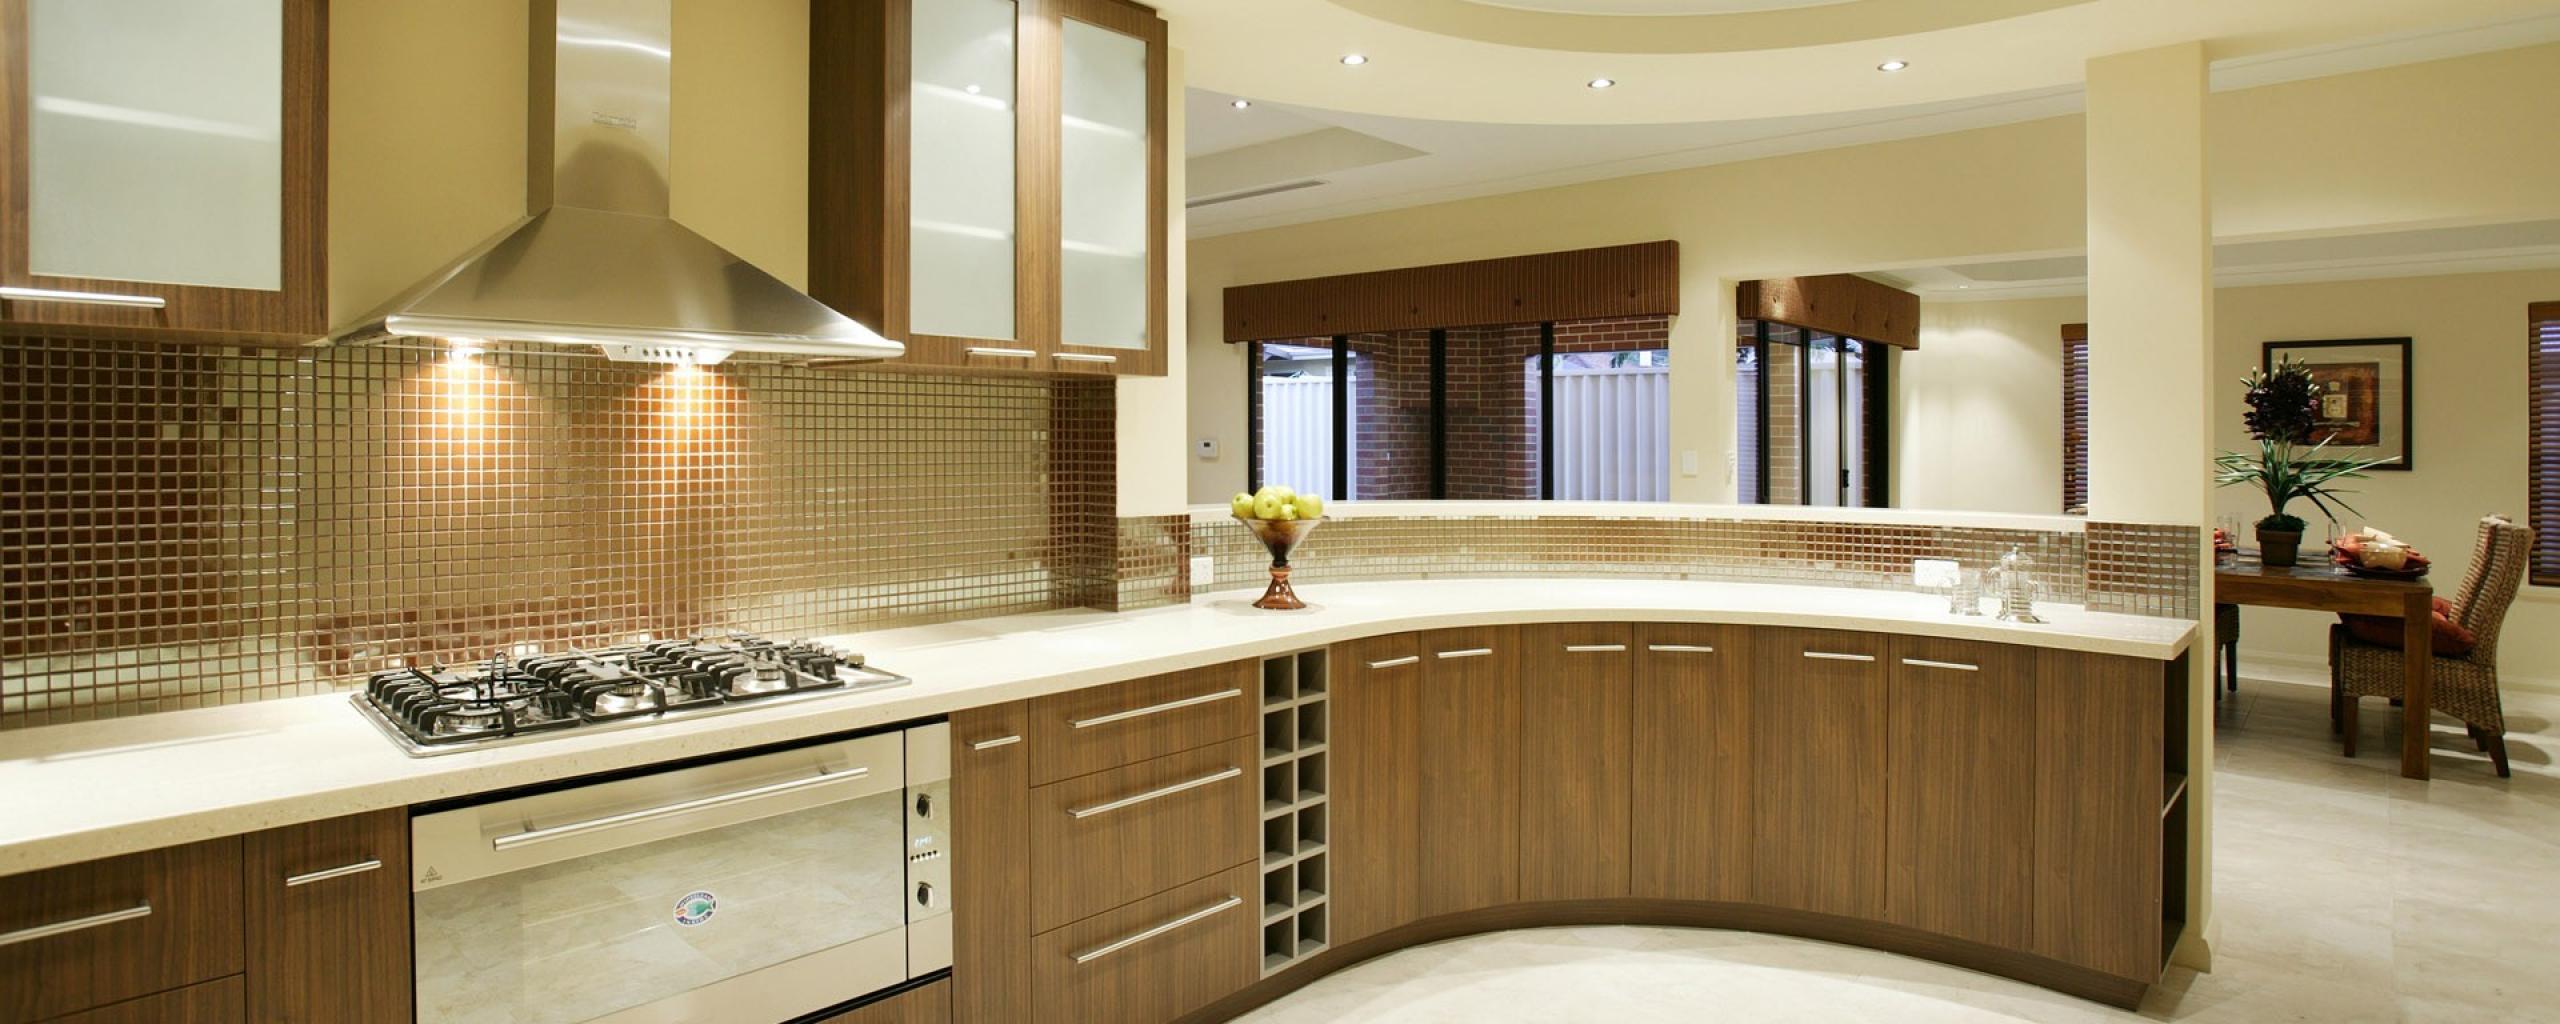 slider2 - Thiết kế thi công đồ gỗ nội ngoại thất